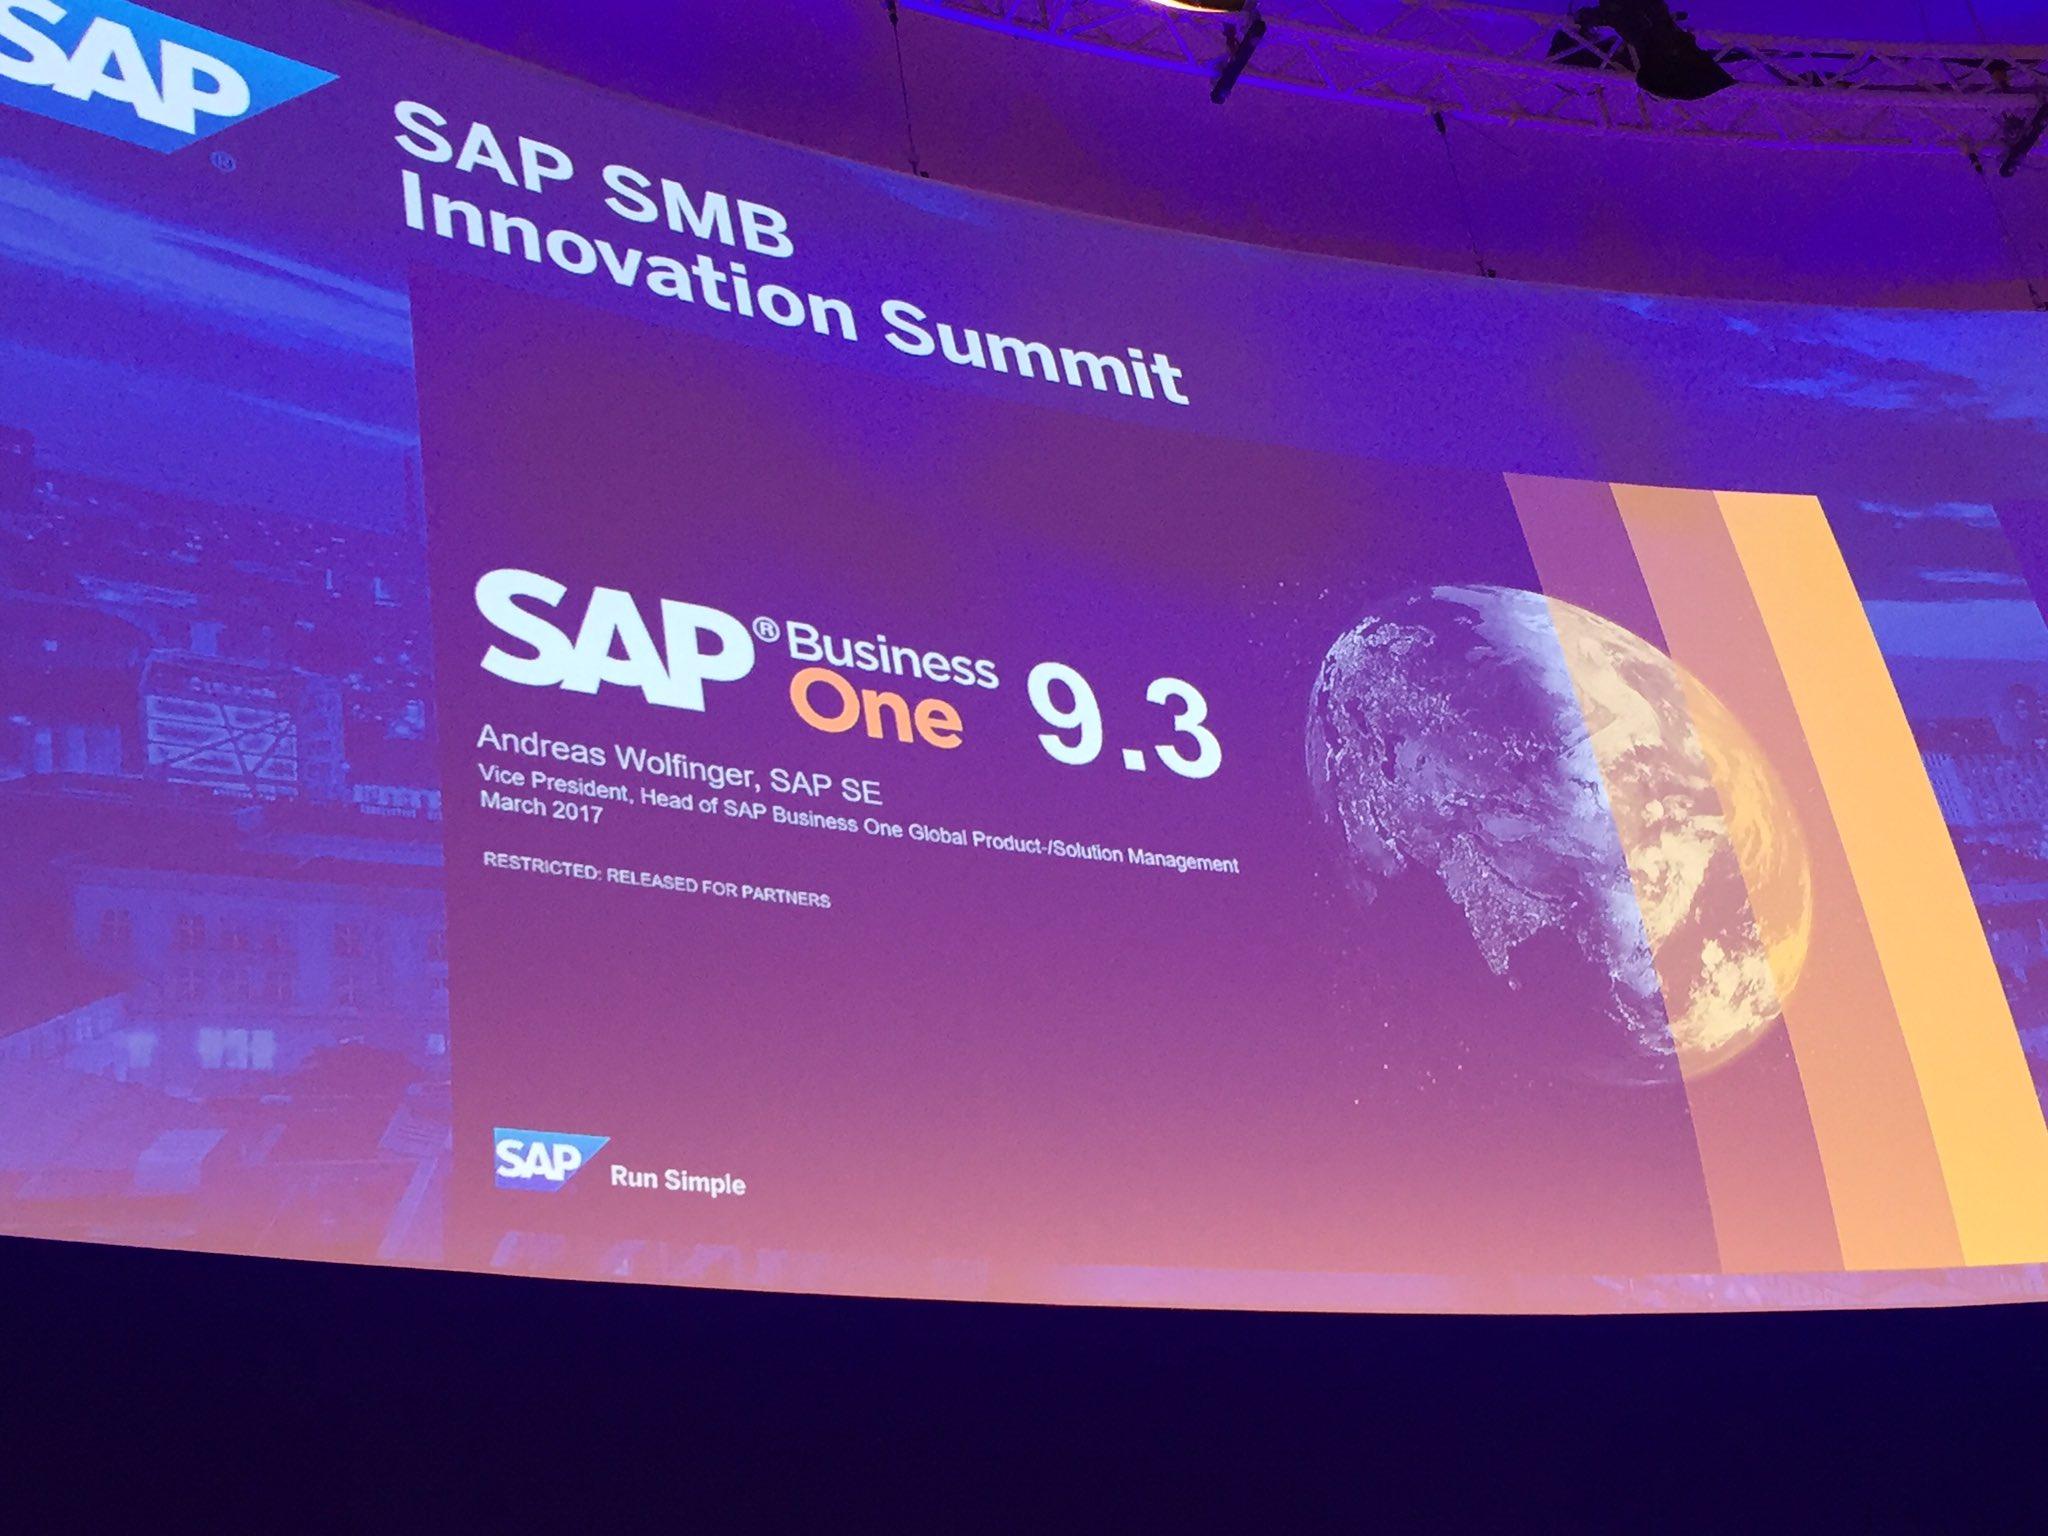 SAP Announced SAP Business One 9.3